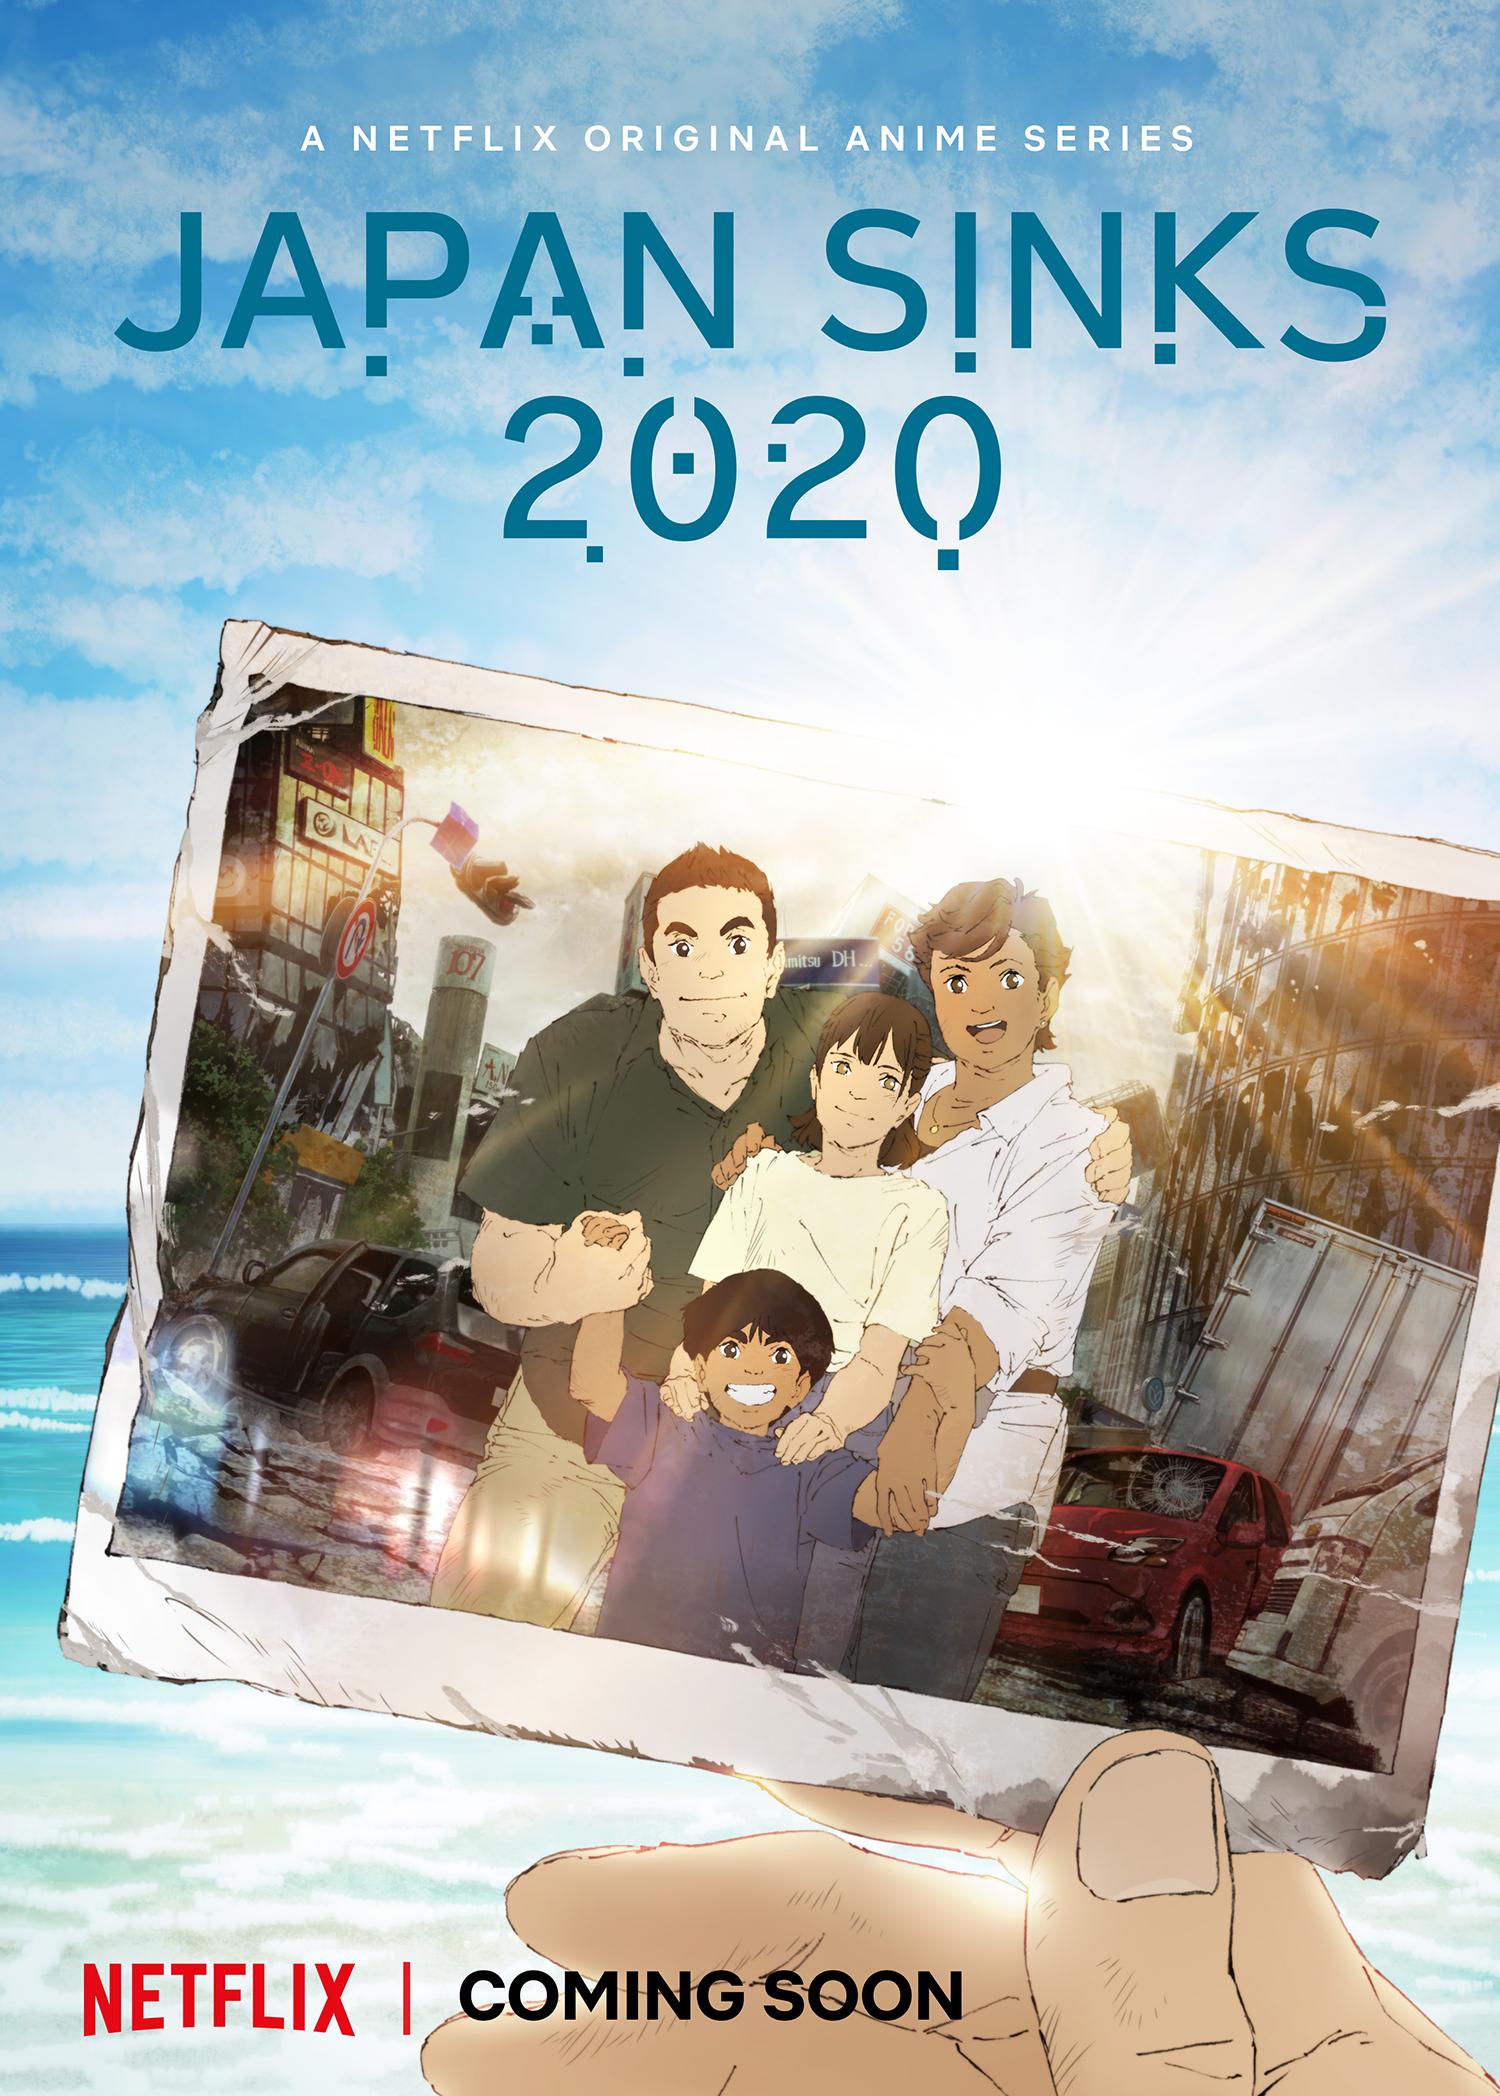 Japan Sinks: 2020 | Netflix Wiki | Fandom